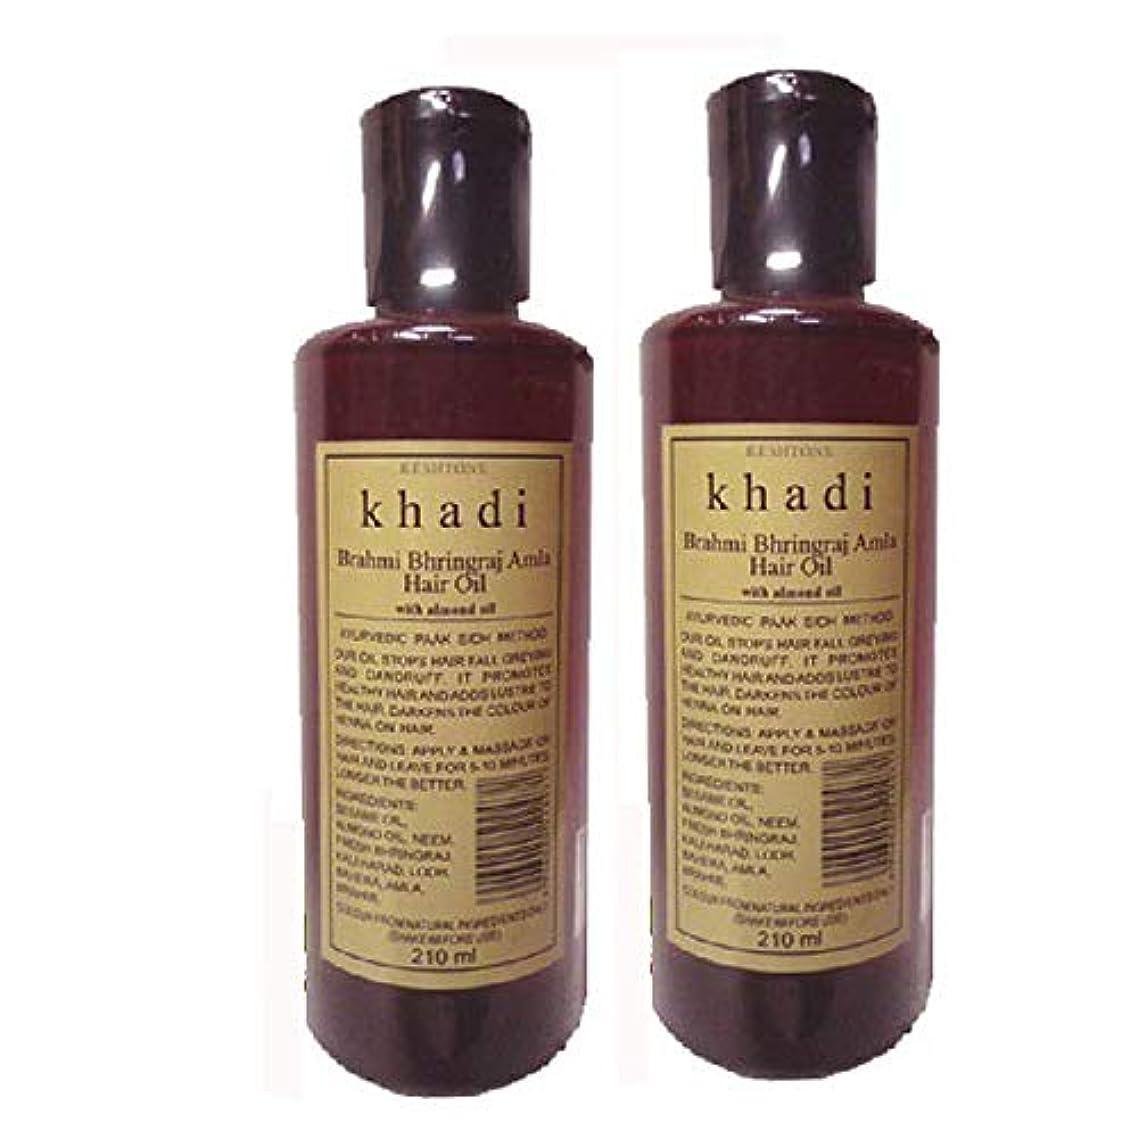 事故アクチュエータ一般手作り カーディ ブラミ ブリングジ アムラ ヘアオイル 2本セット KHADI Brahmi Bhringraj Amla Hair Oil with almond oil 2set